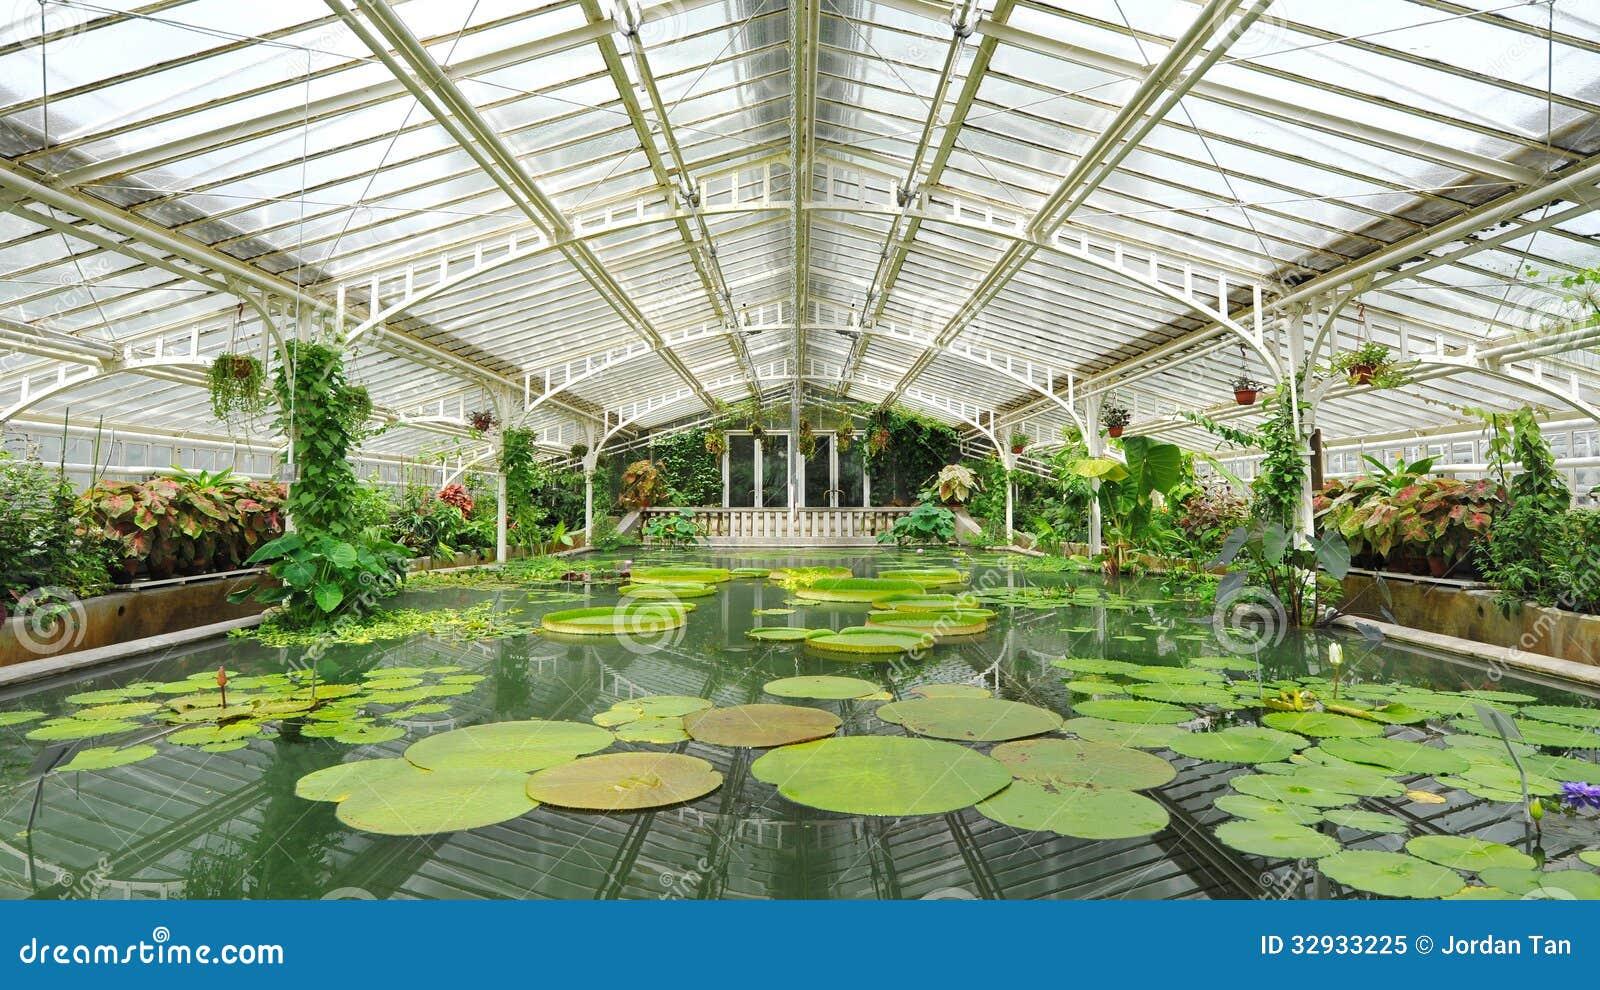 Botanical Glasshouse Stock Photo - Image: 43163765 - ^